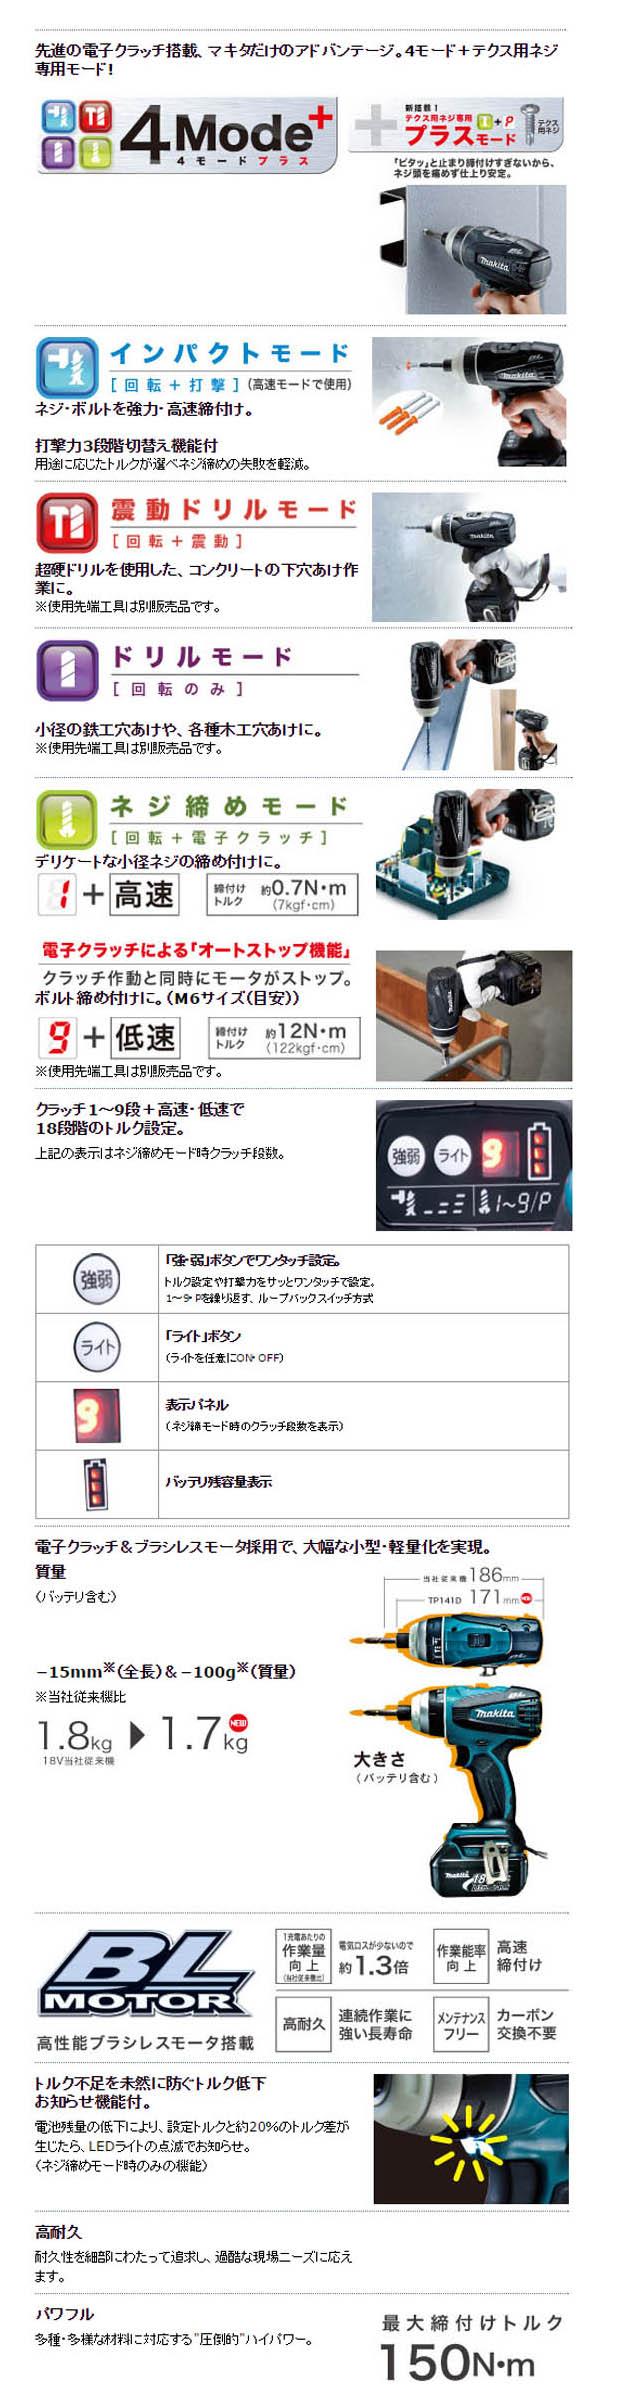 マキタ 18V・4モードインパクトドライバ TP141D(6.0Ah電池)